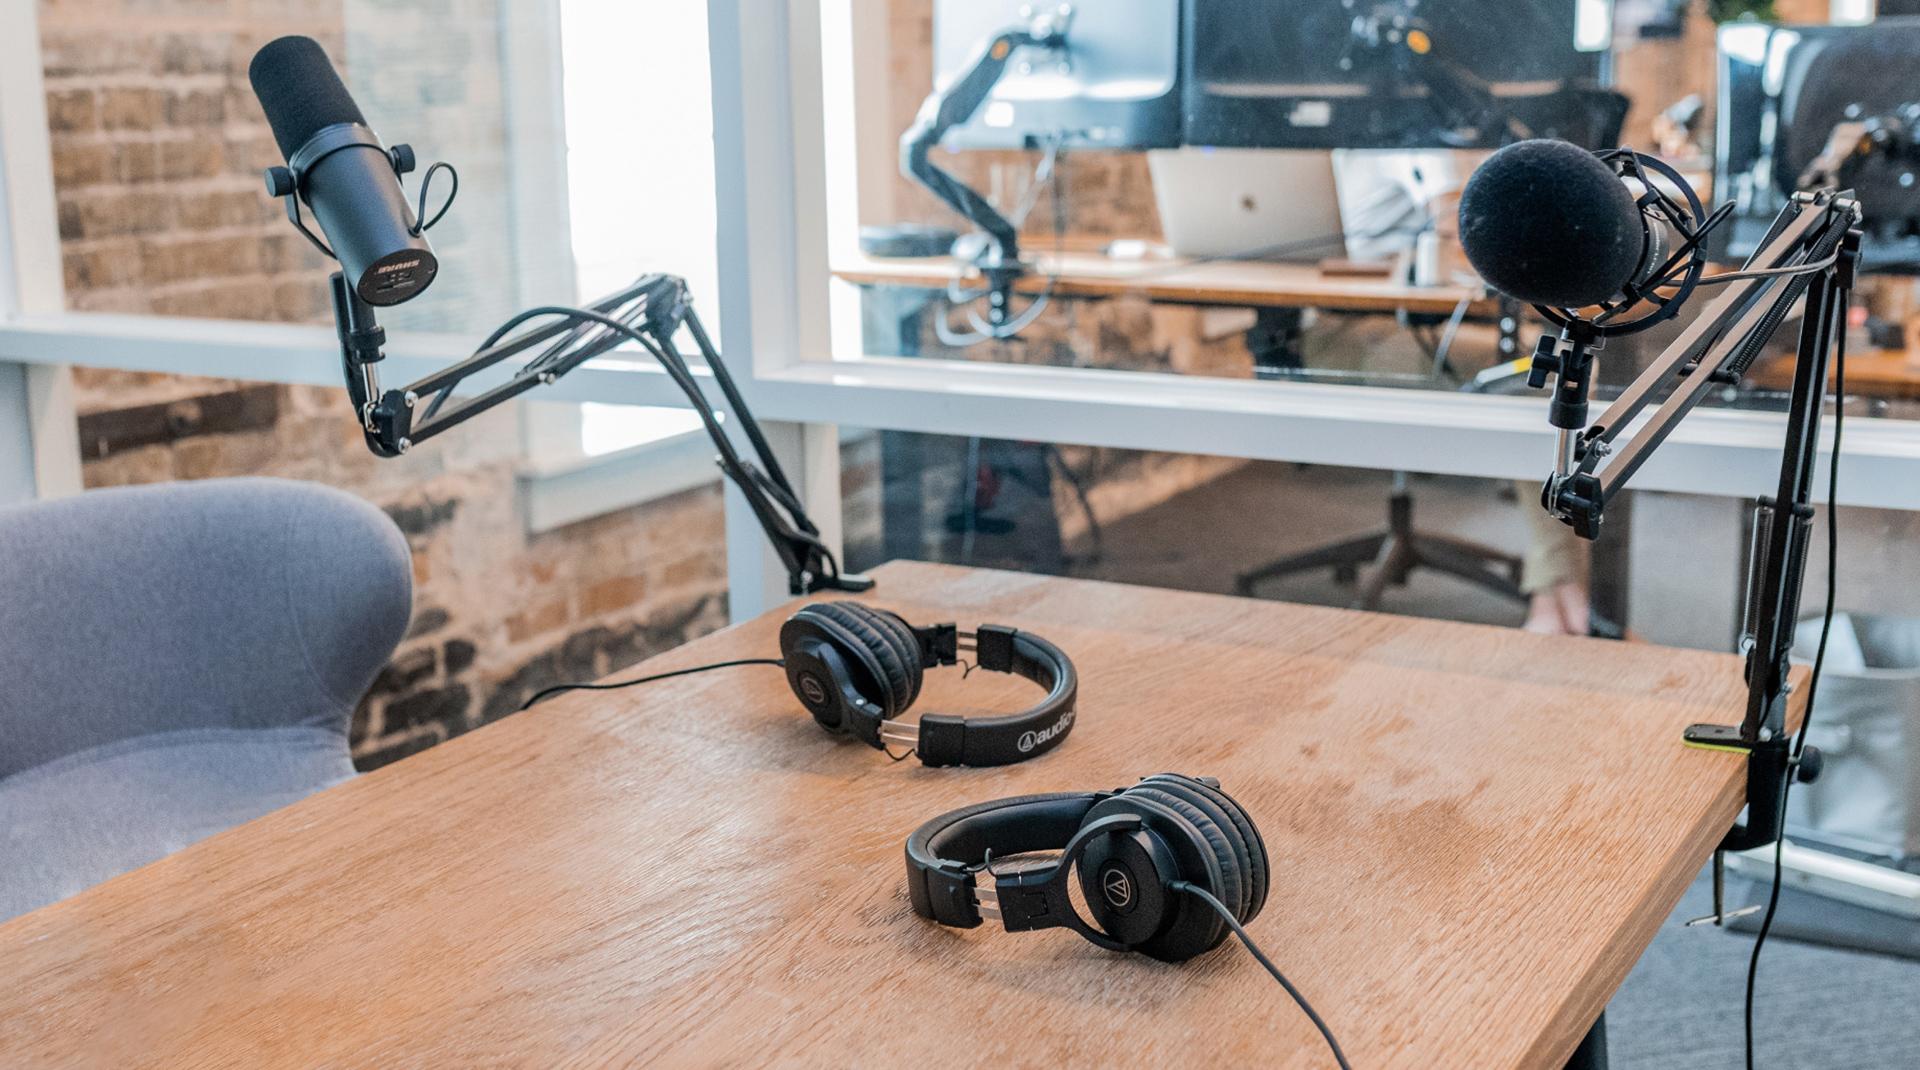 Почему бизнесу нужны прямые эфиры? 5 инструментов лайвстриминга